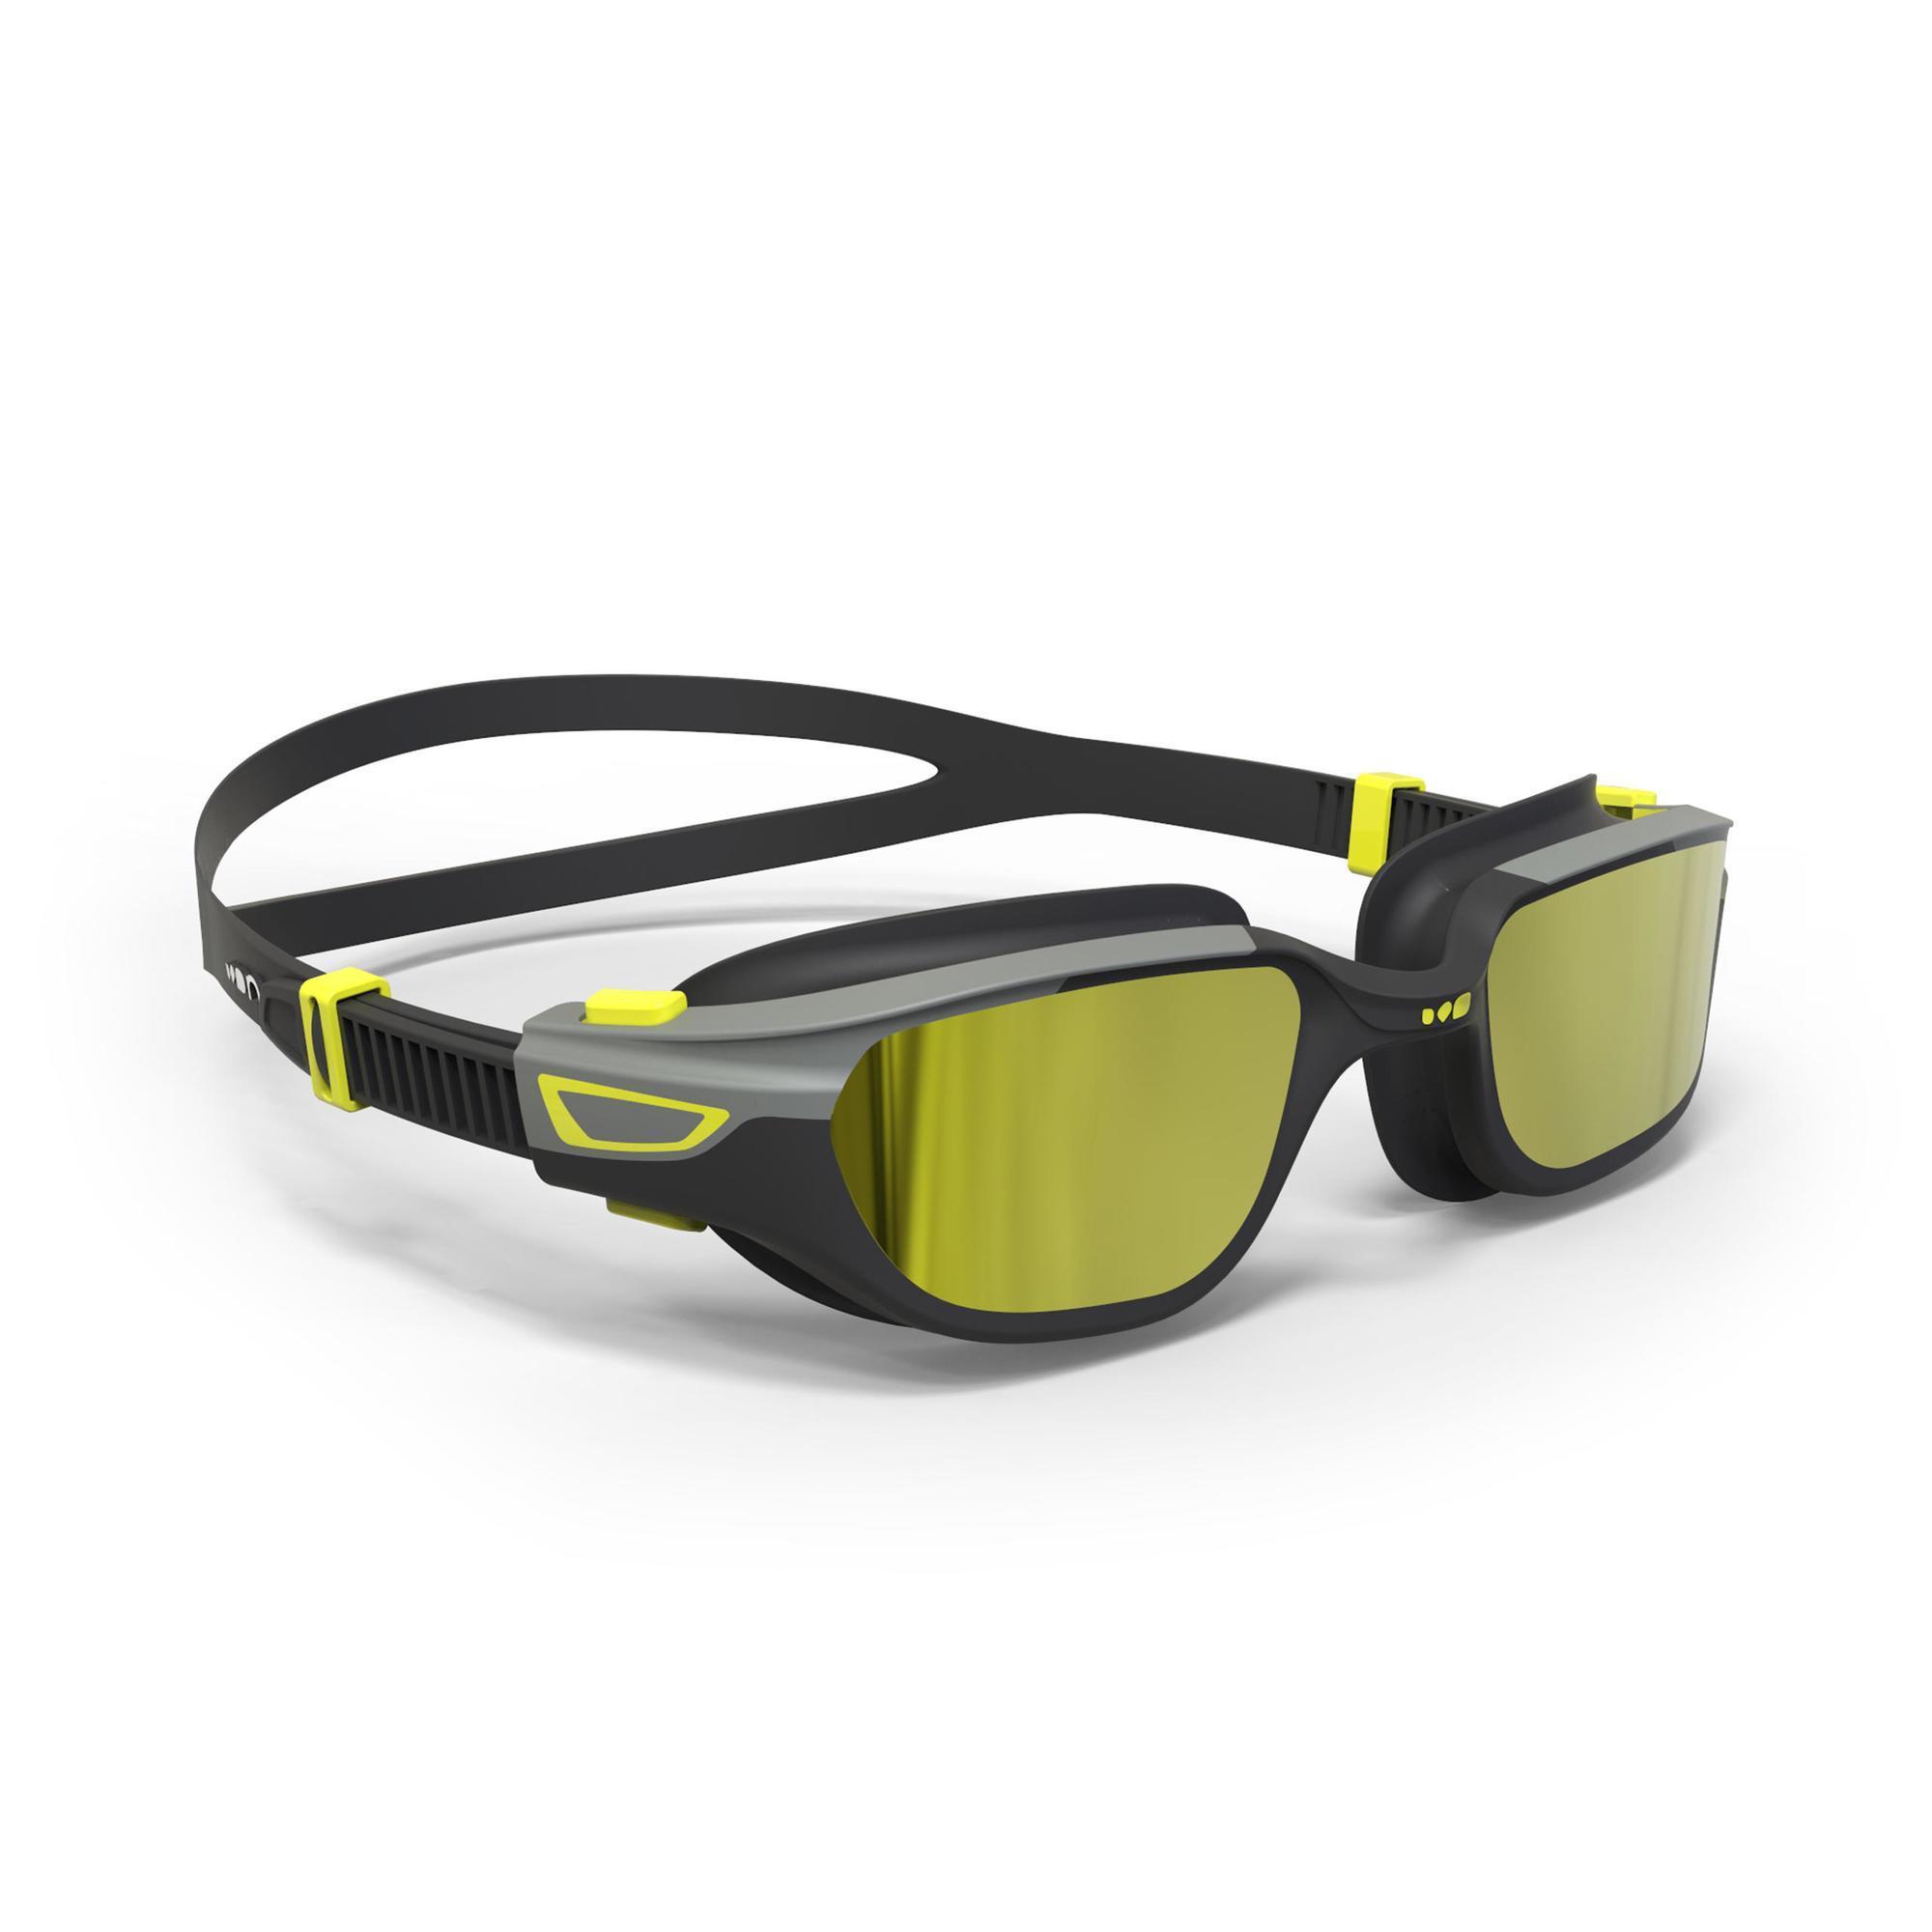 Lunettes de natation 500 Spirit - Taille L, Verres miroirs jaunes